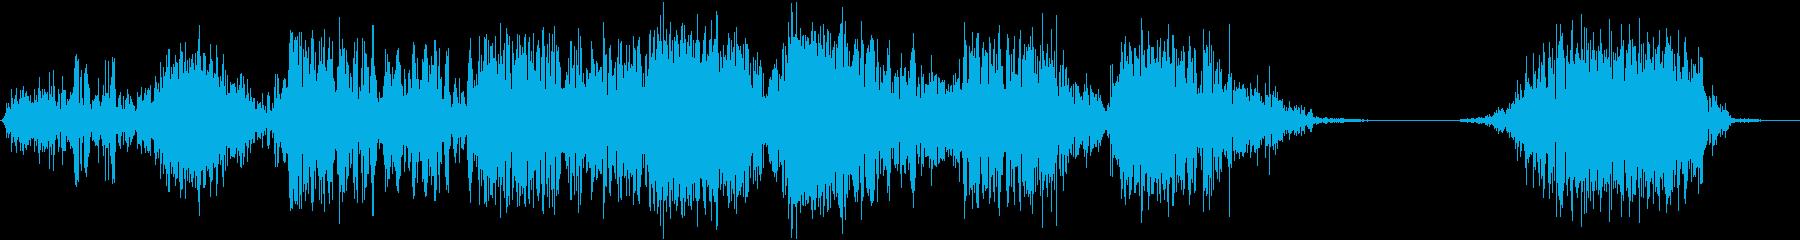 モンスター 威嚇 02の再生済みの波形